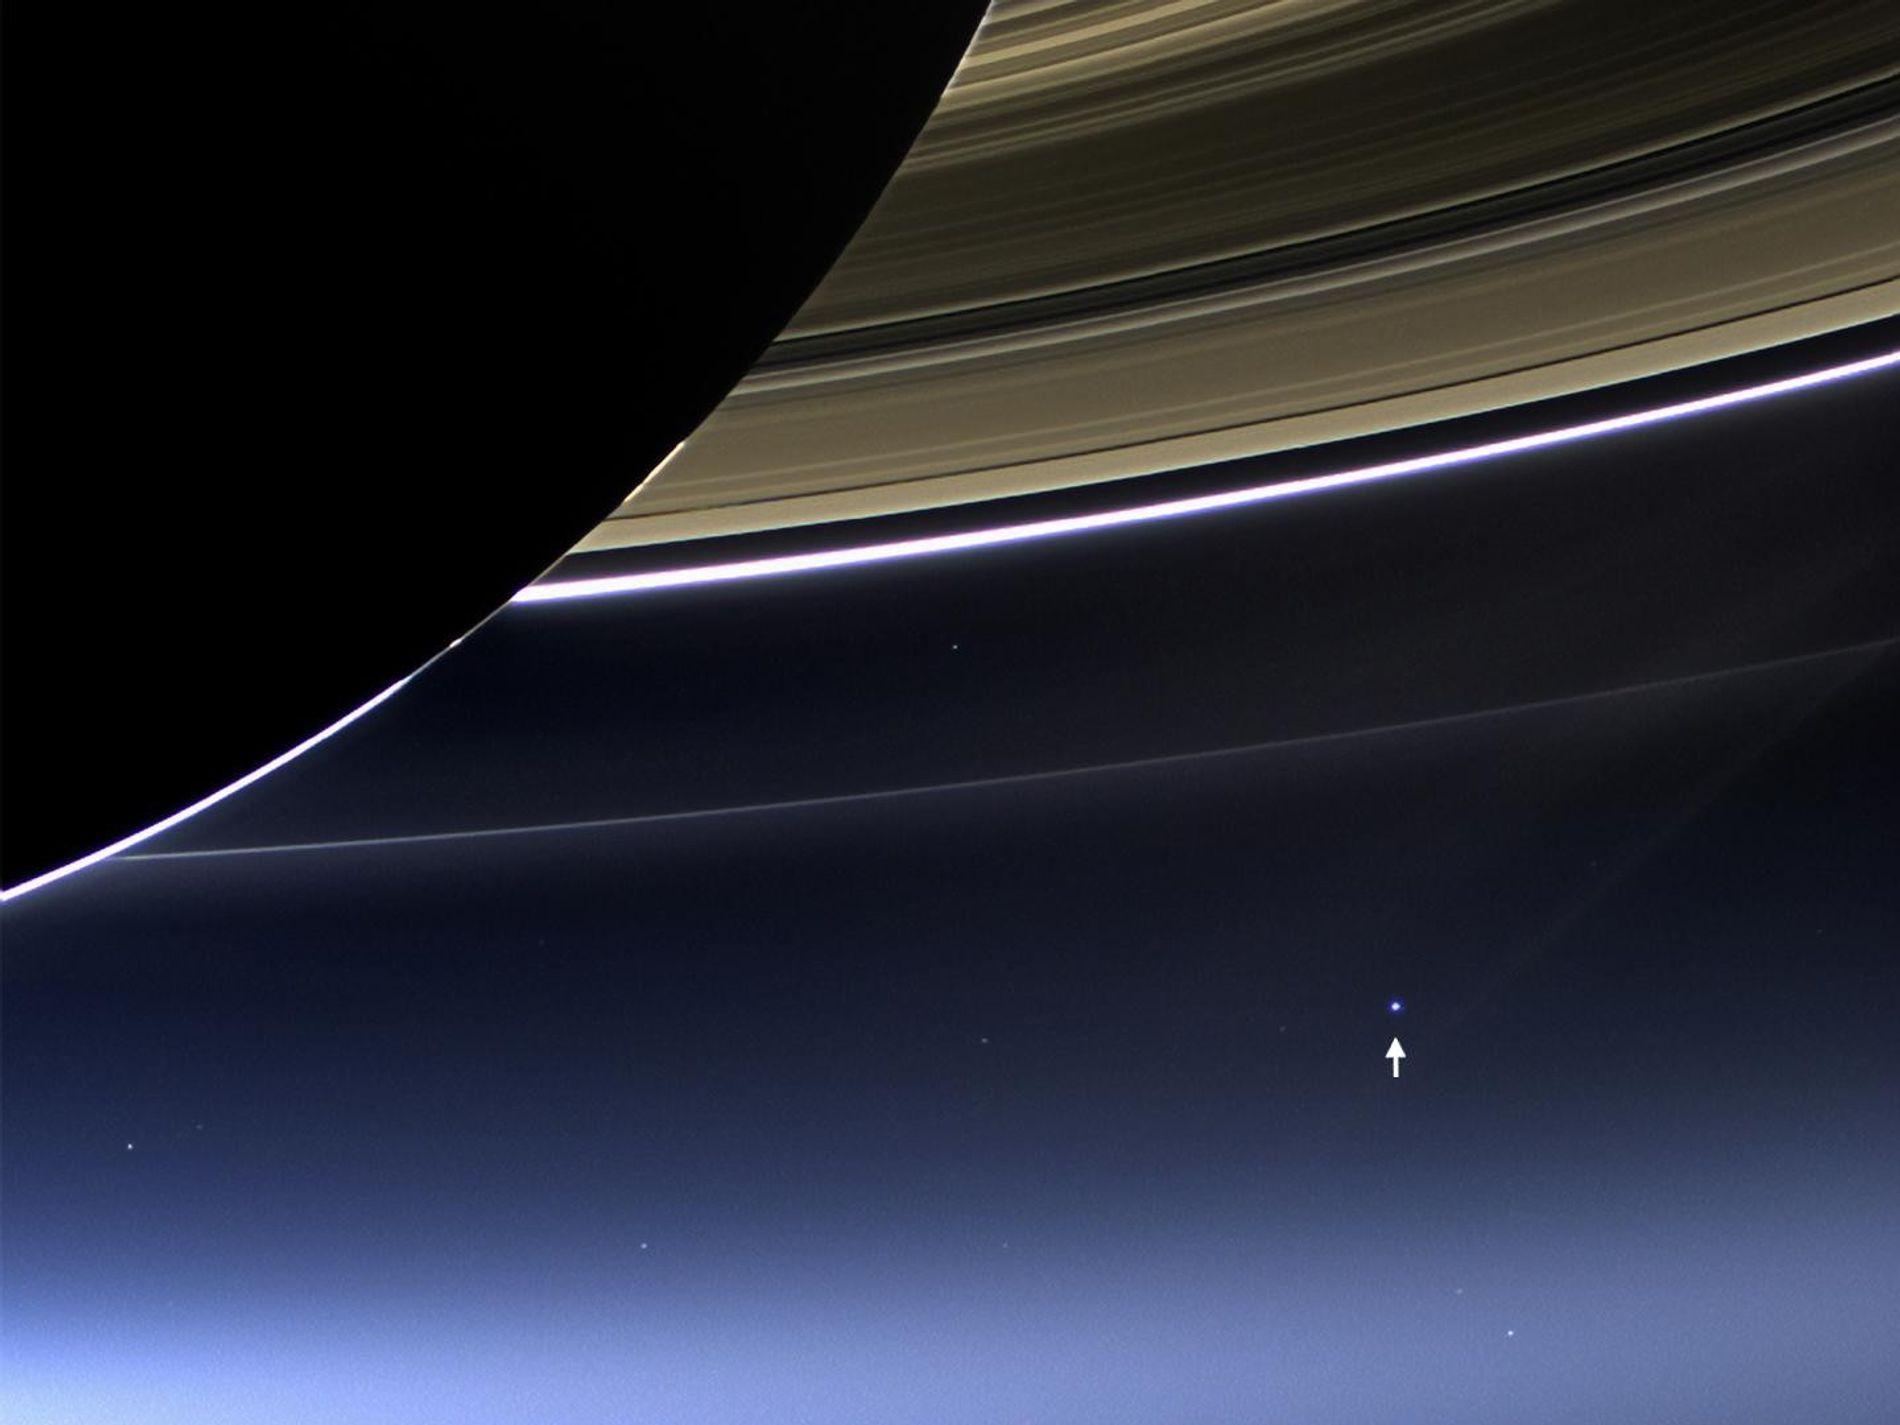 Foto der Erde vom Saturn aus von Cassini